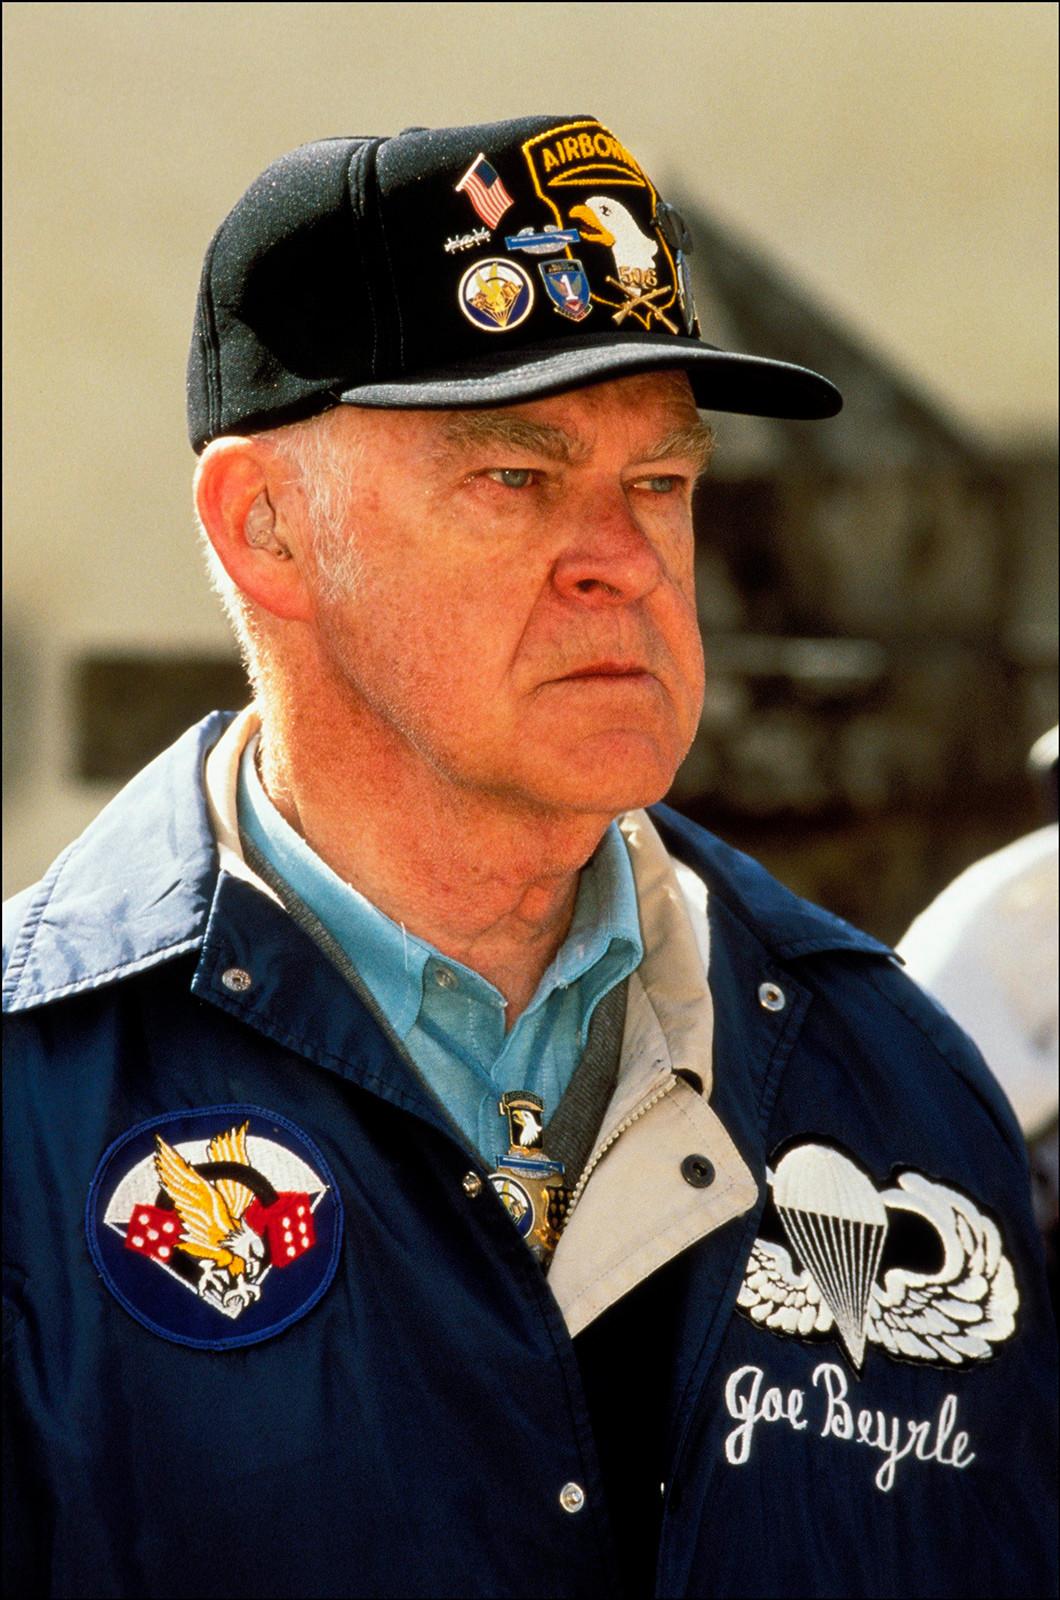 Joseph R. Beyrle, 1994.